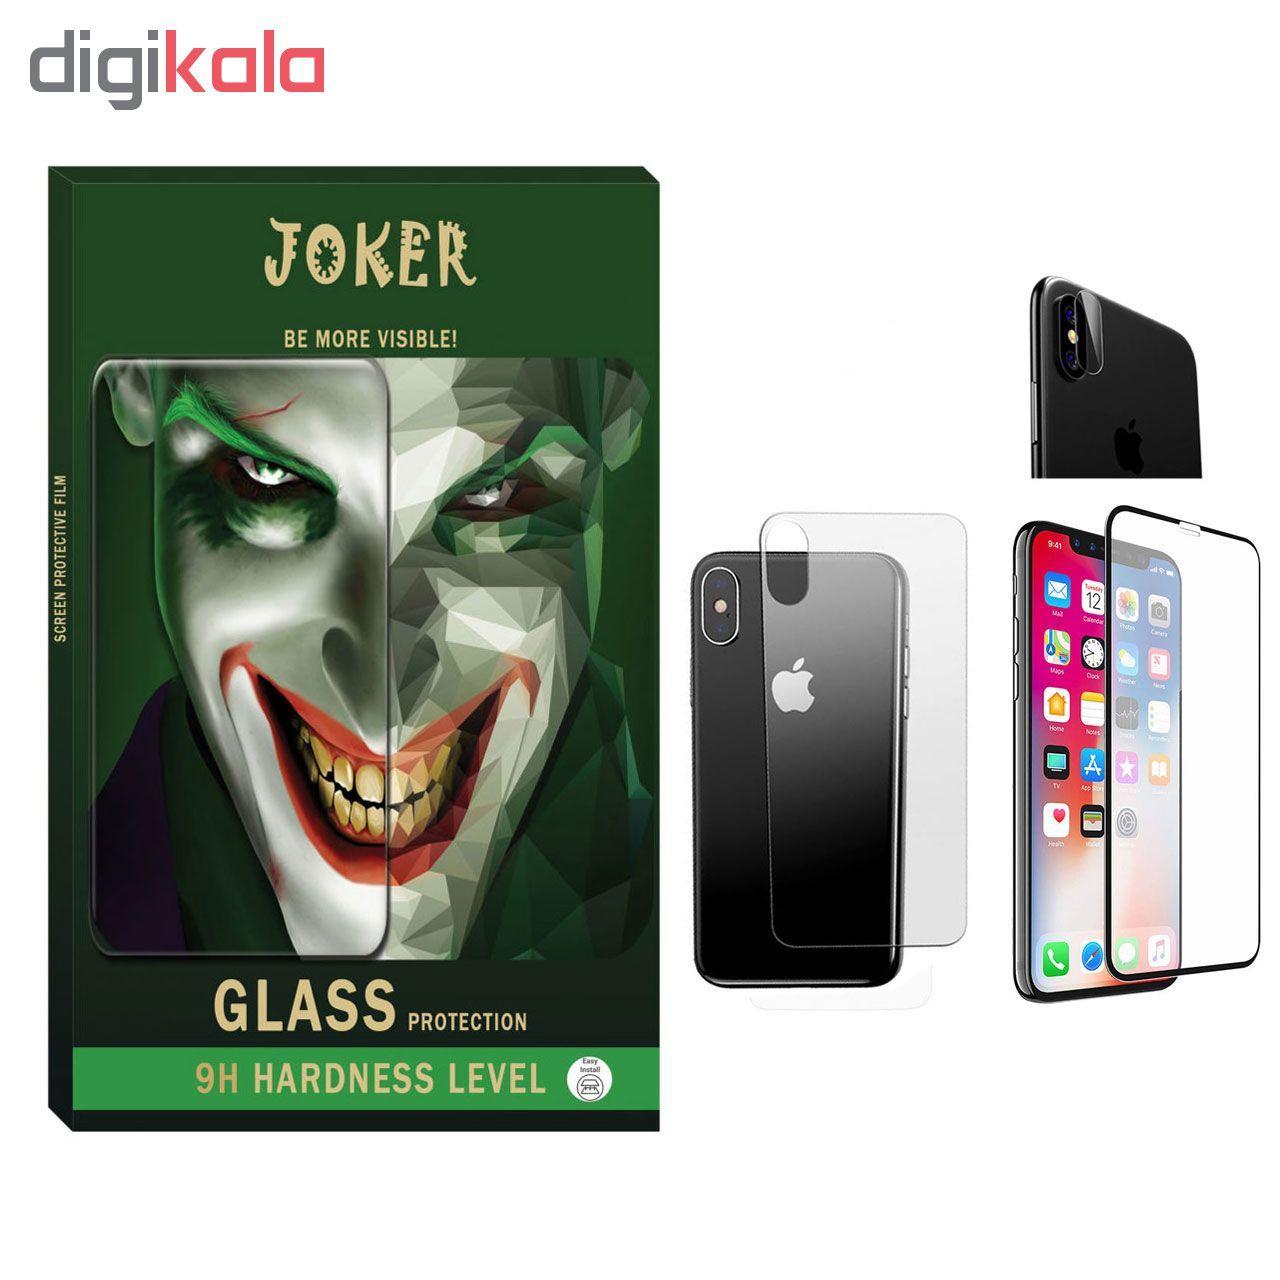 محافظ صفحه نمایش و پشت گوشی جوکر مدل FUM-01 مناسب برای گوشی موبایل Iphone X/Xs به همراه محافظ لنز دوربین main 1 1